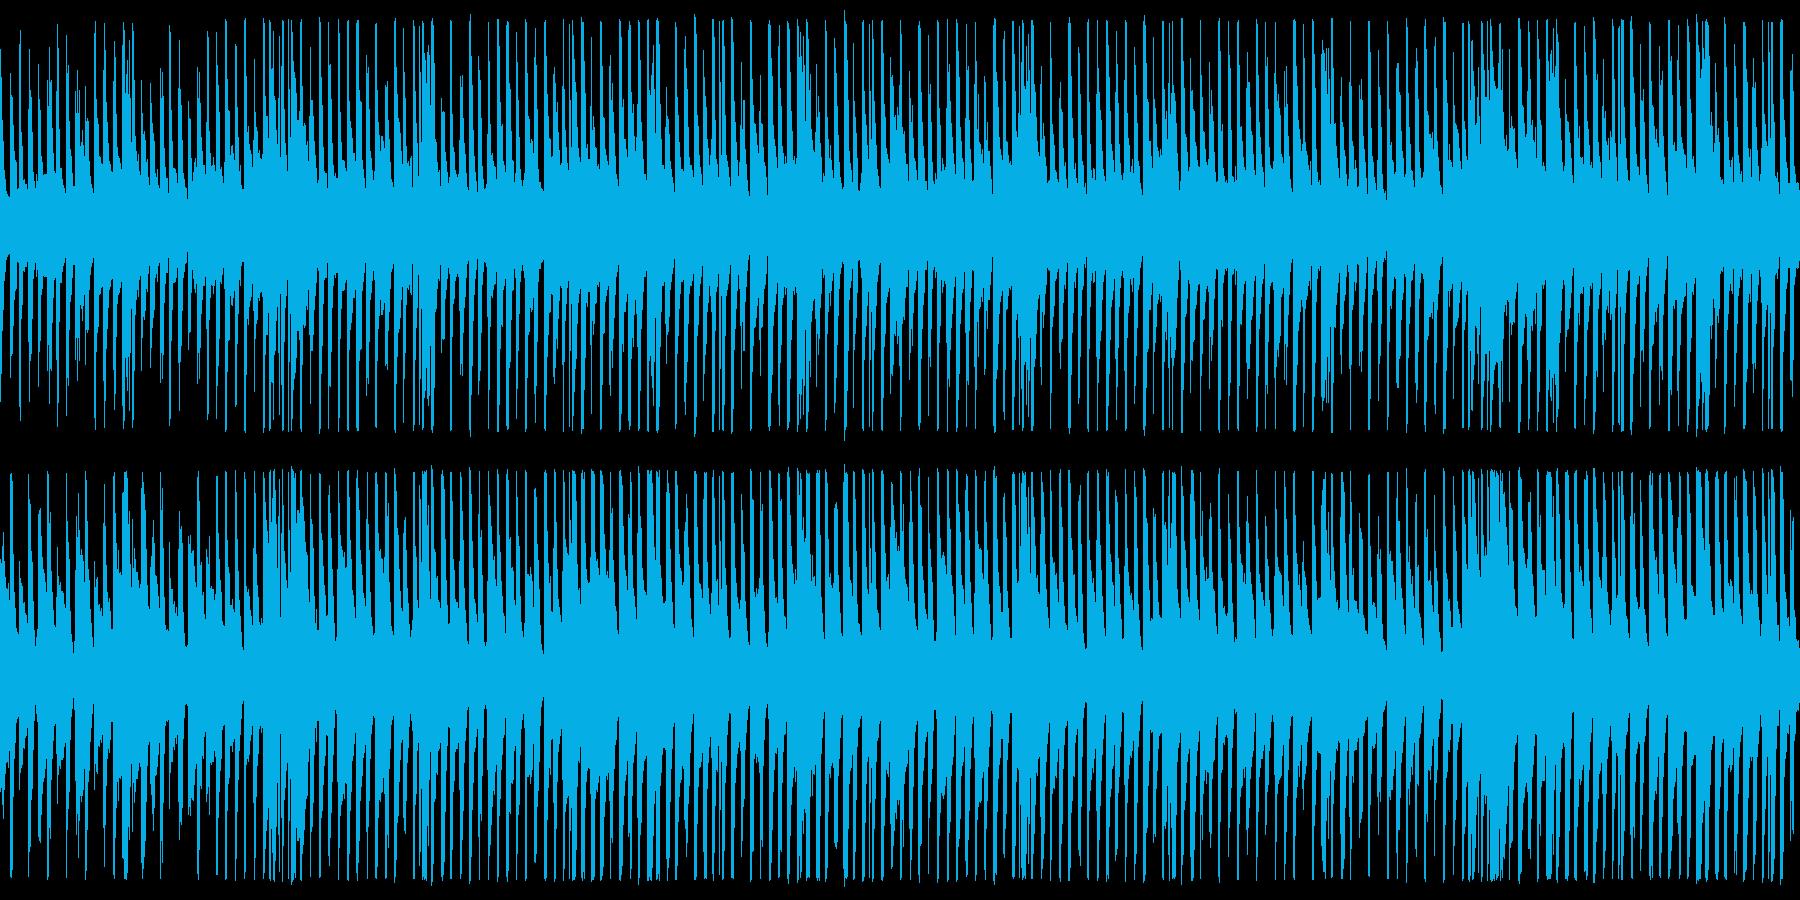 【ベース抜き】明るく爽やかなPR動画用Bの再生済みの波形